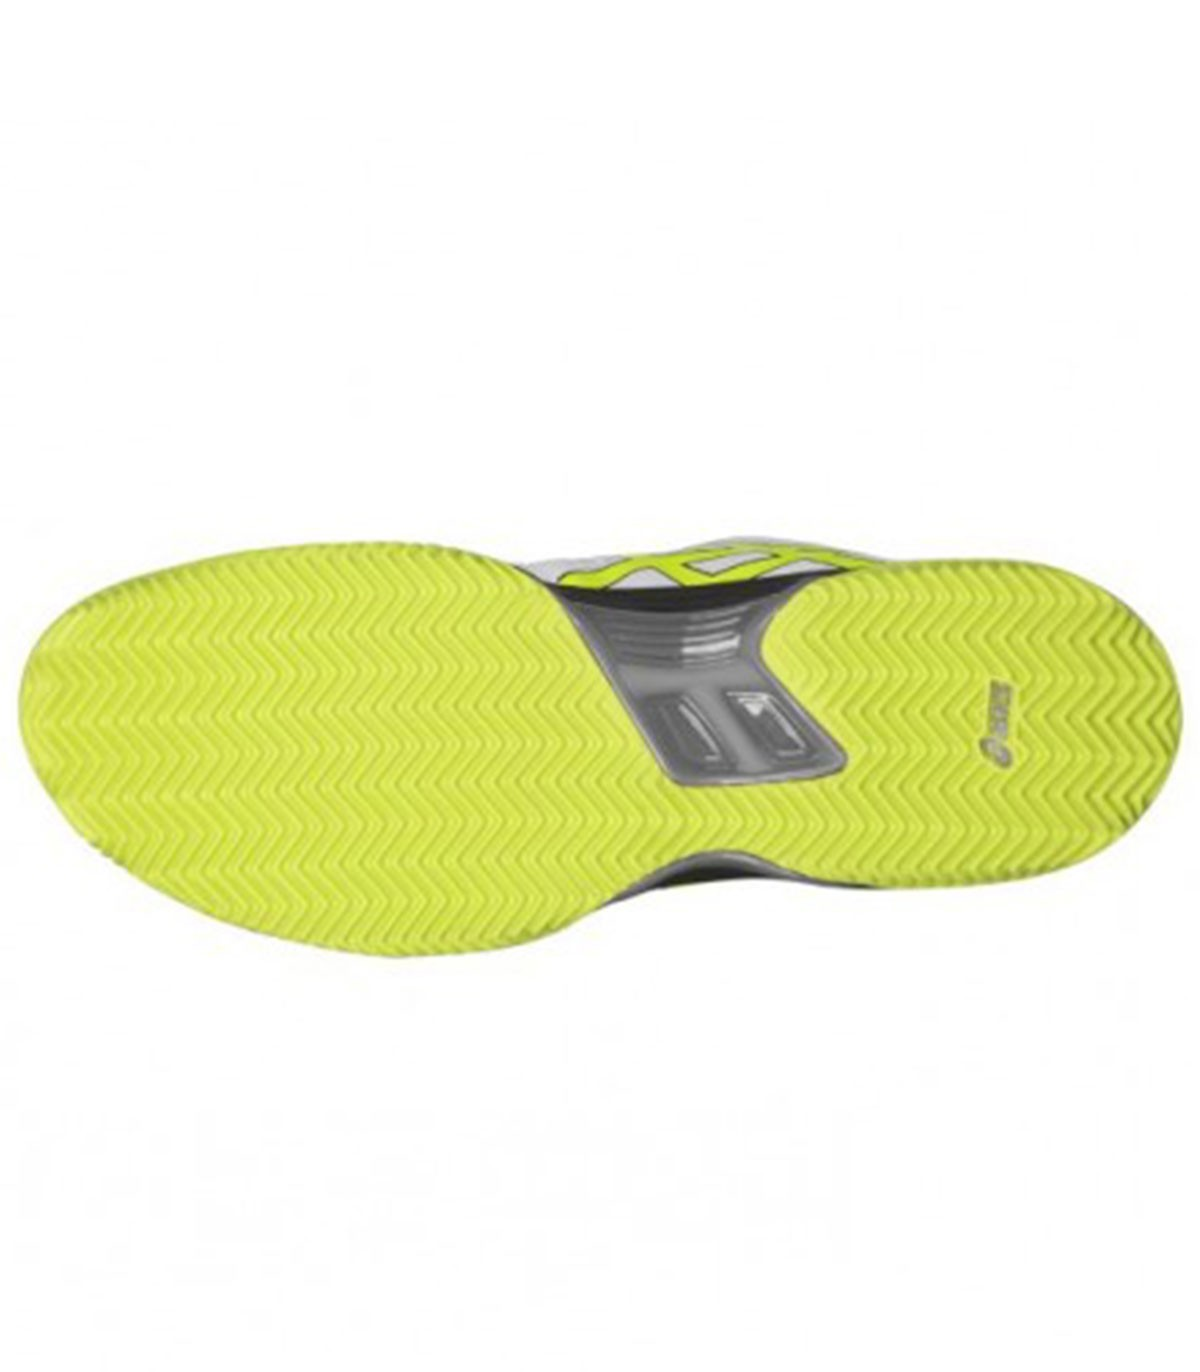 57018142 Zapatillas Asics Gel Padel Pro 3 SG